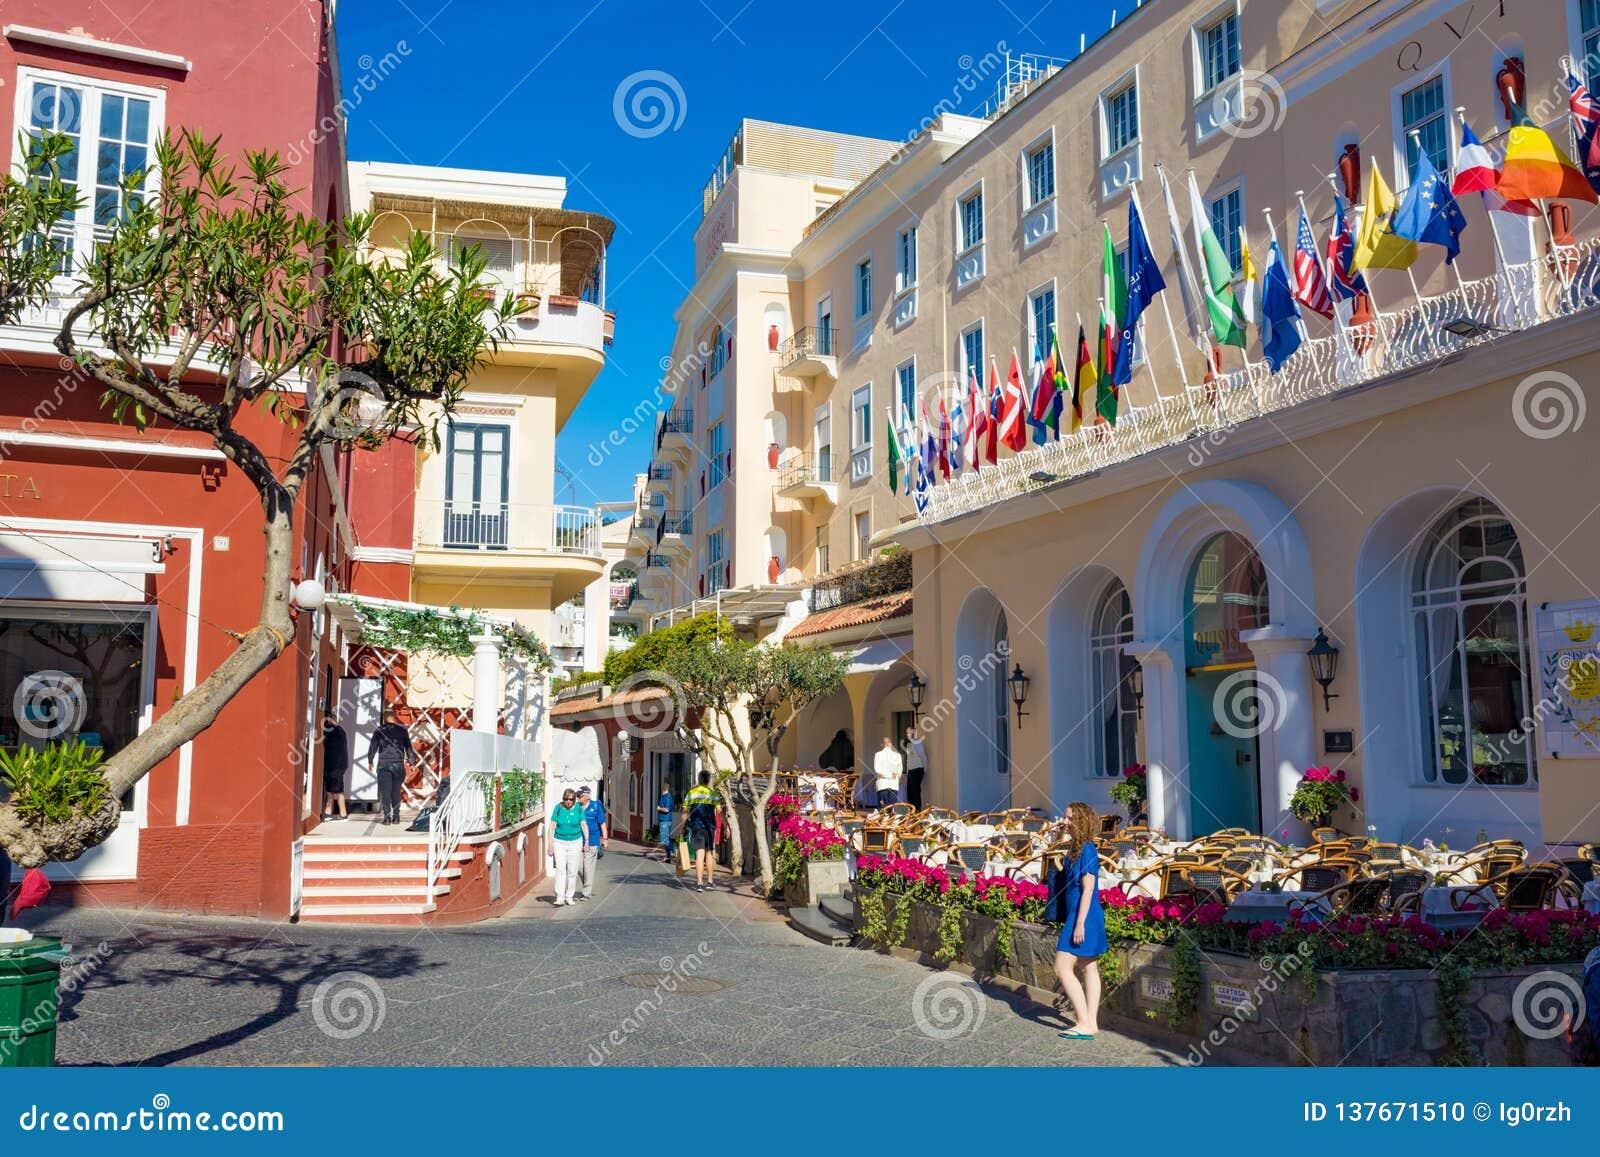 Via Camerelle Near Grand Hotel Quisisana In Sunny Day On Capri